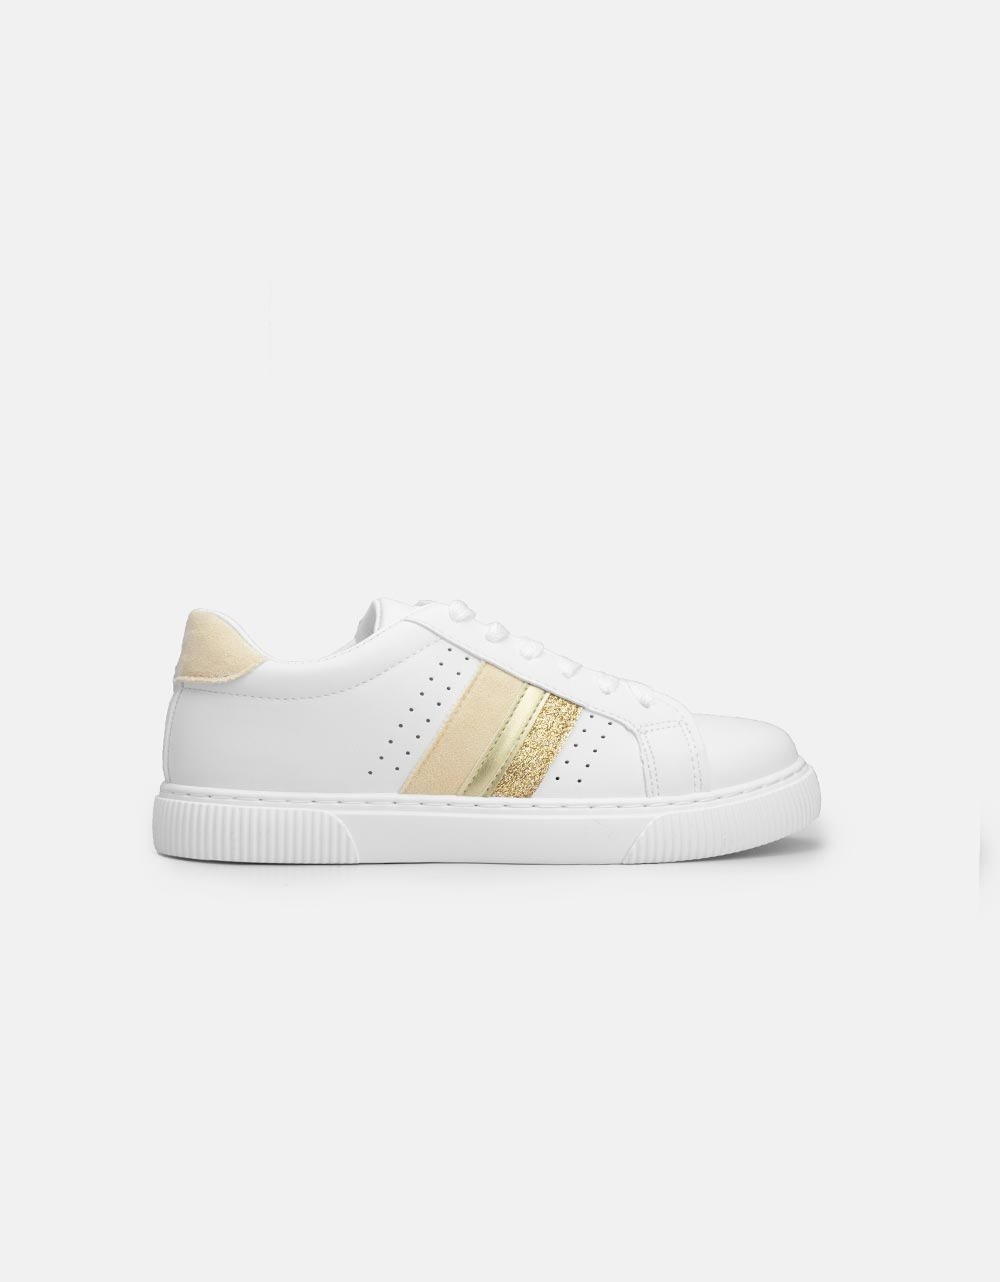 Εικόνα από Γυναικεία sneakers basic με ρίγες στο πλαινό μέρος Λευκό/Μπέζ